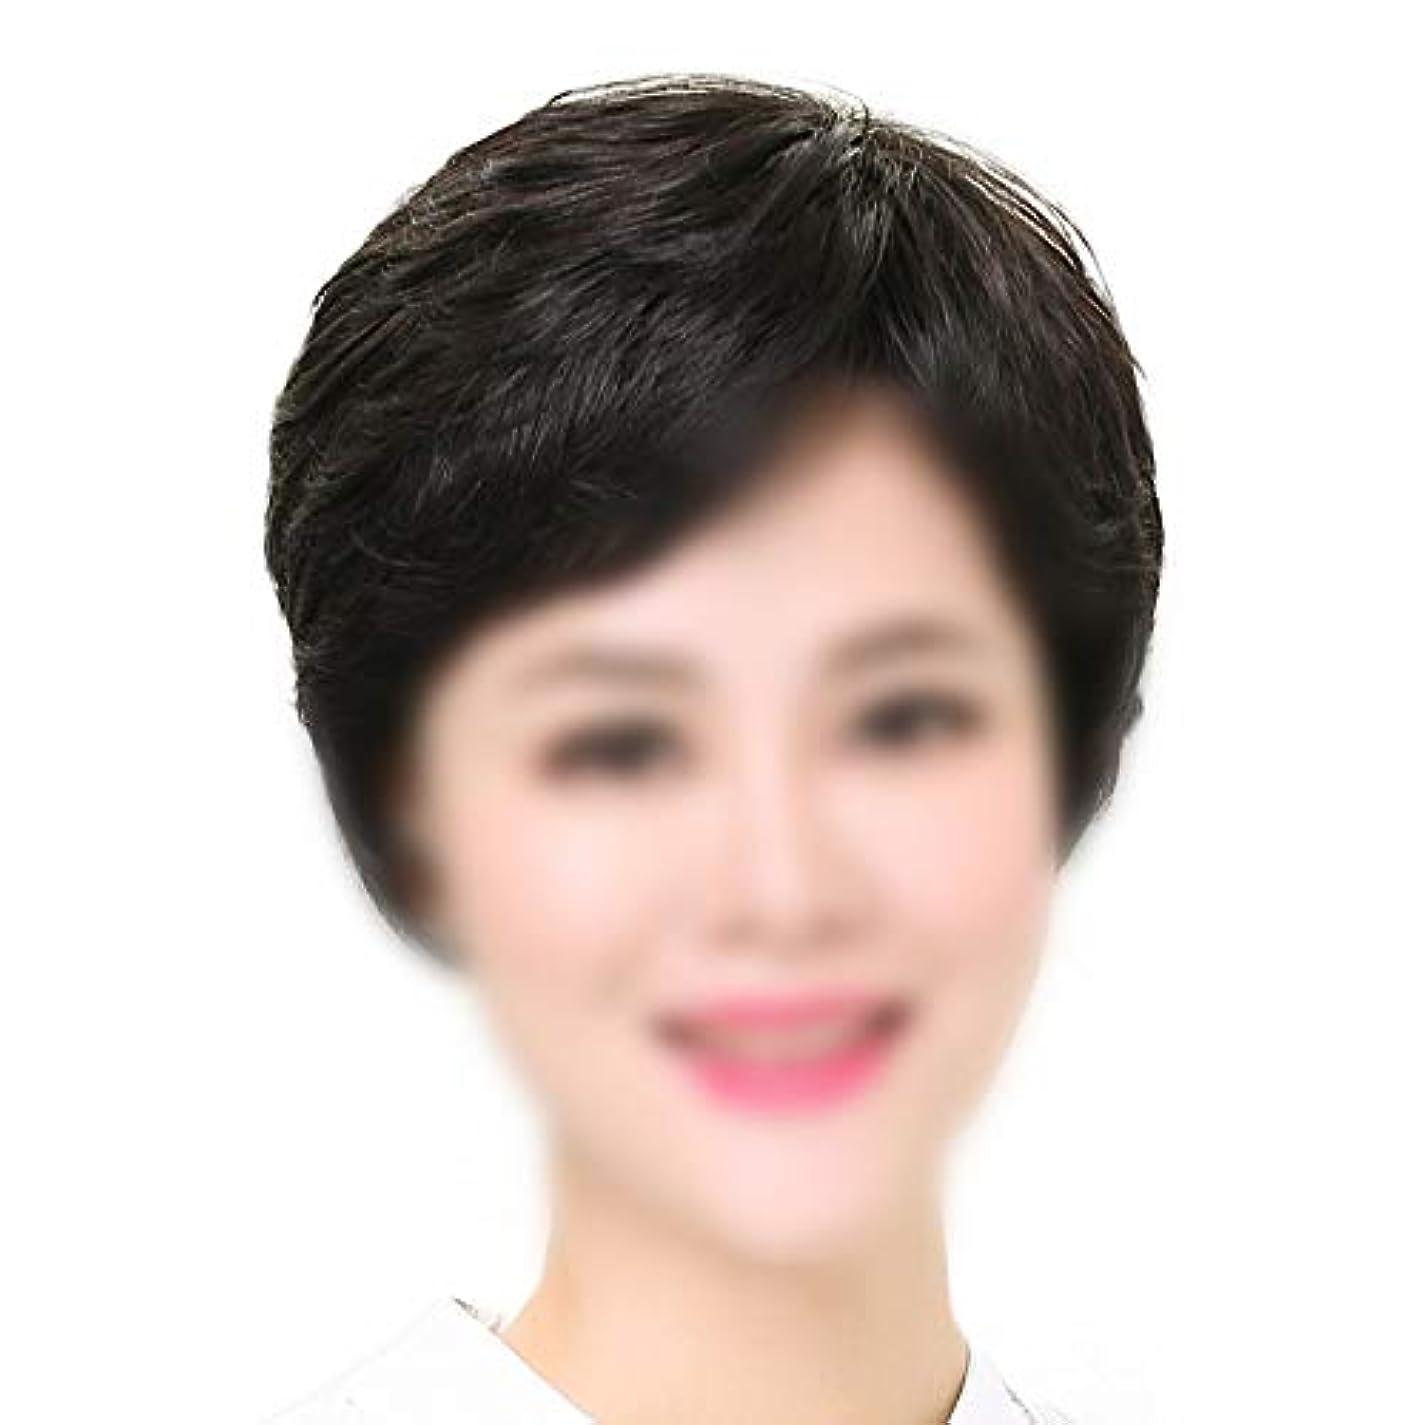 ビュッフェピボット回転するYOUQIU フル手織り女性の自然な人間の髪マイクロ波ショートヘアウィッグかつら中年 (色 : Natural black, サイズ : Hand-needle)